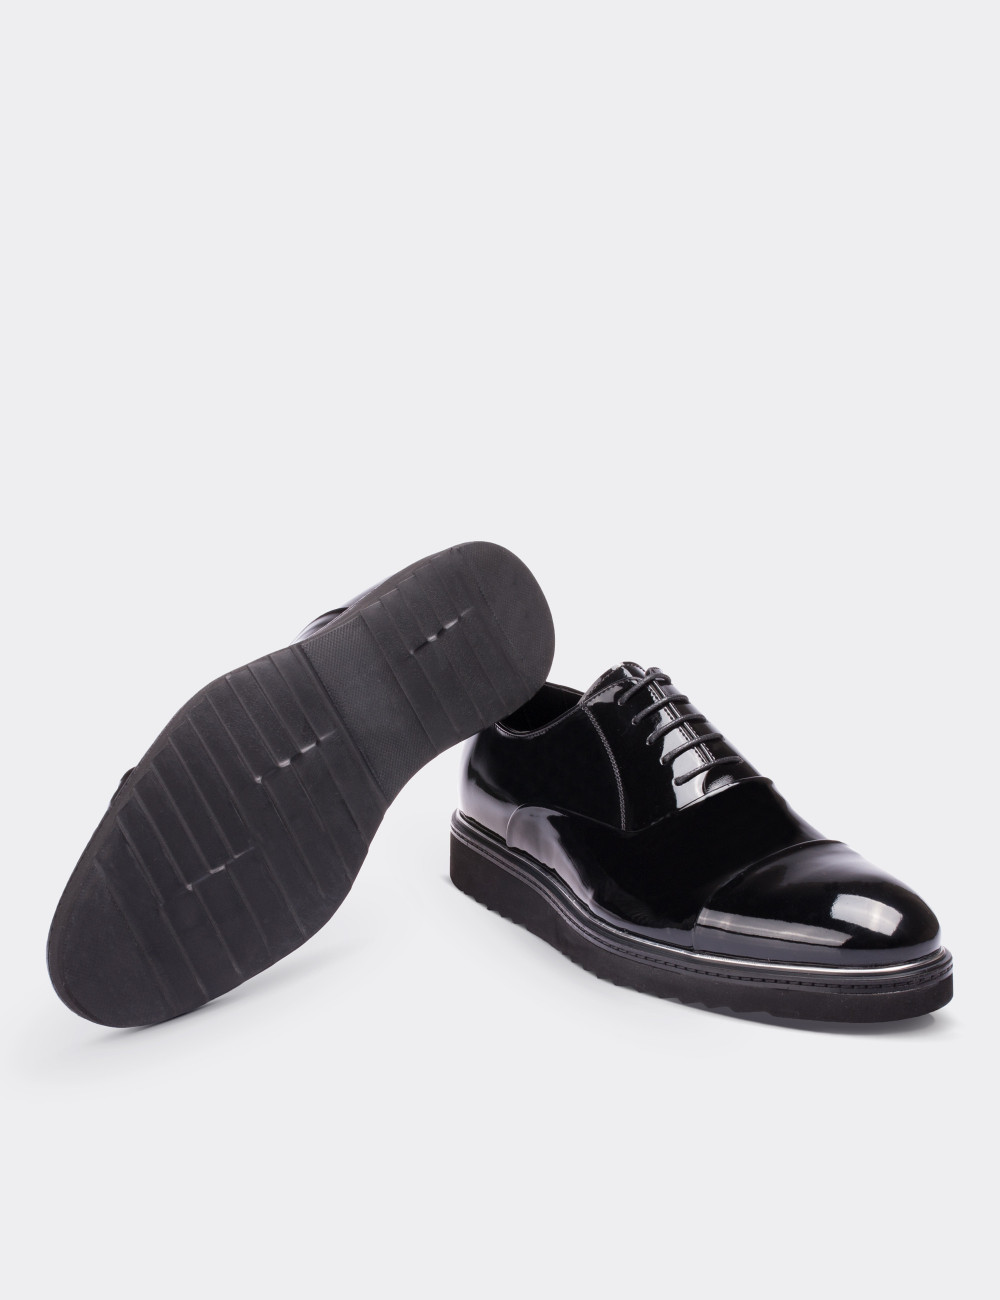 Hakiki Rugan Siyah Günlük Erkek Ayakkabı - 01590MSYHE02